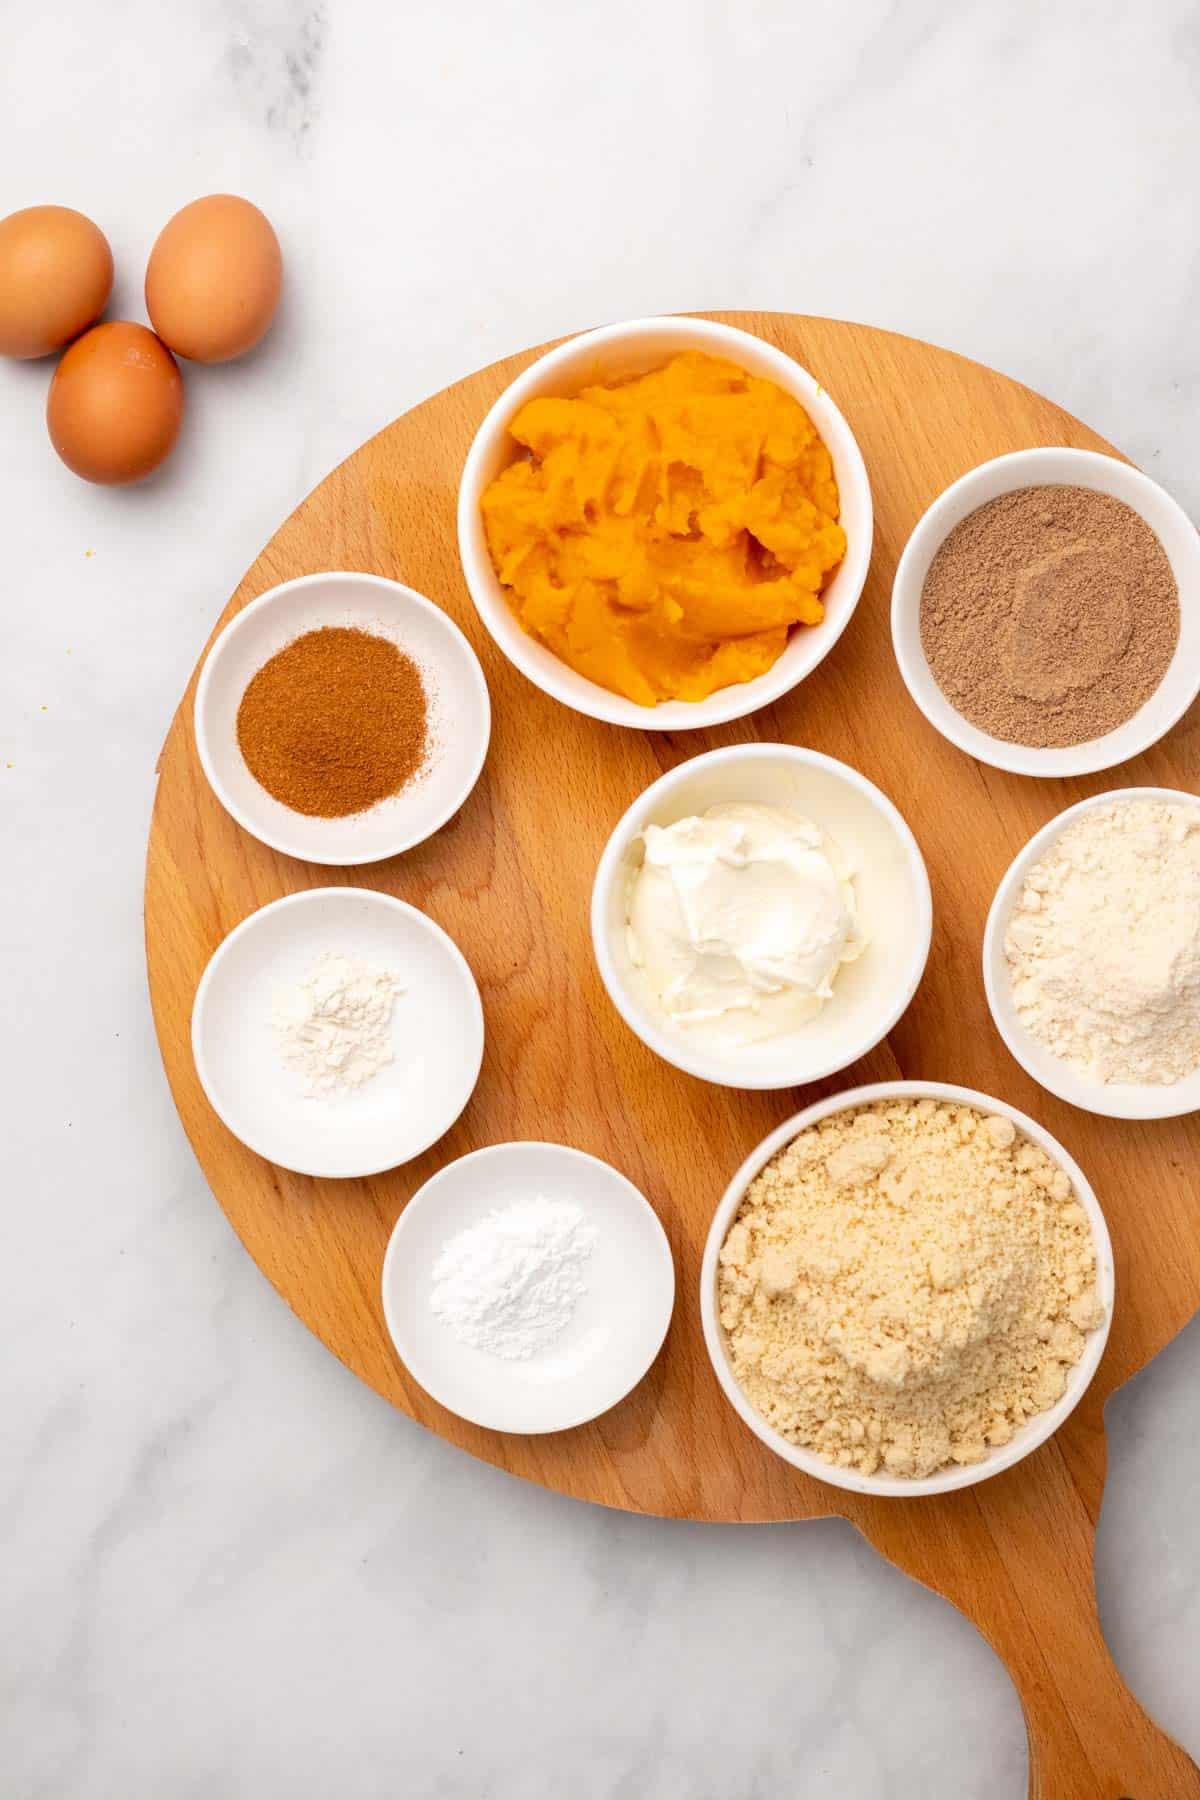 Pumpkin loaf ingredients in separate ramekins, as seen from above